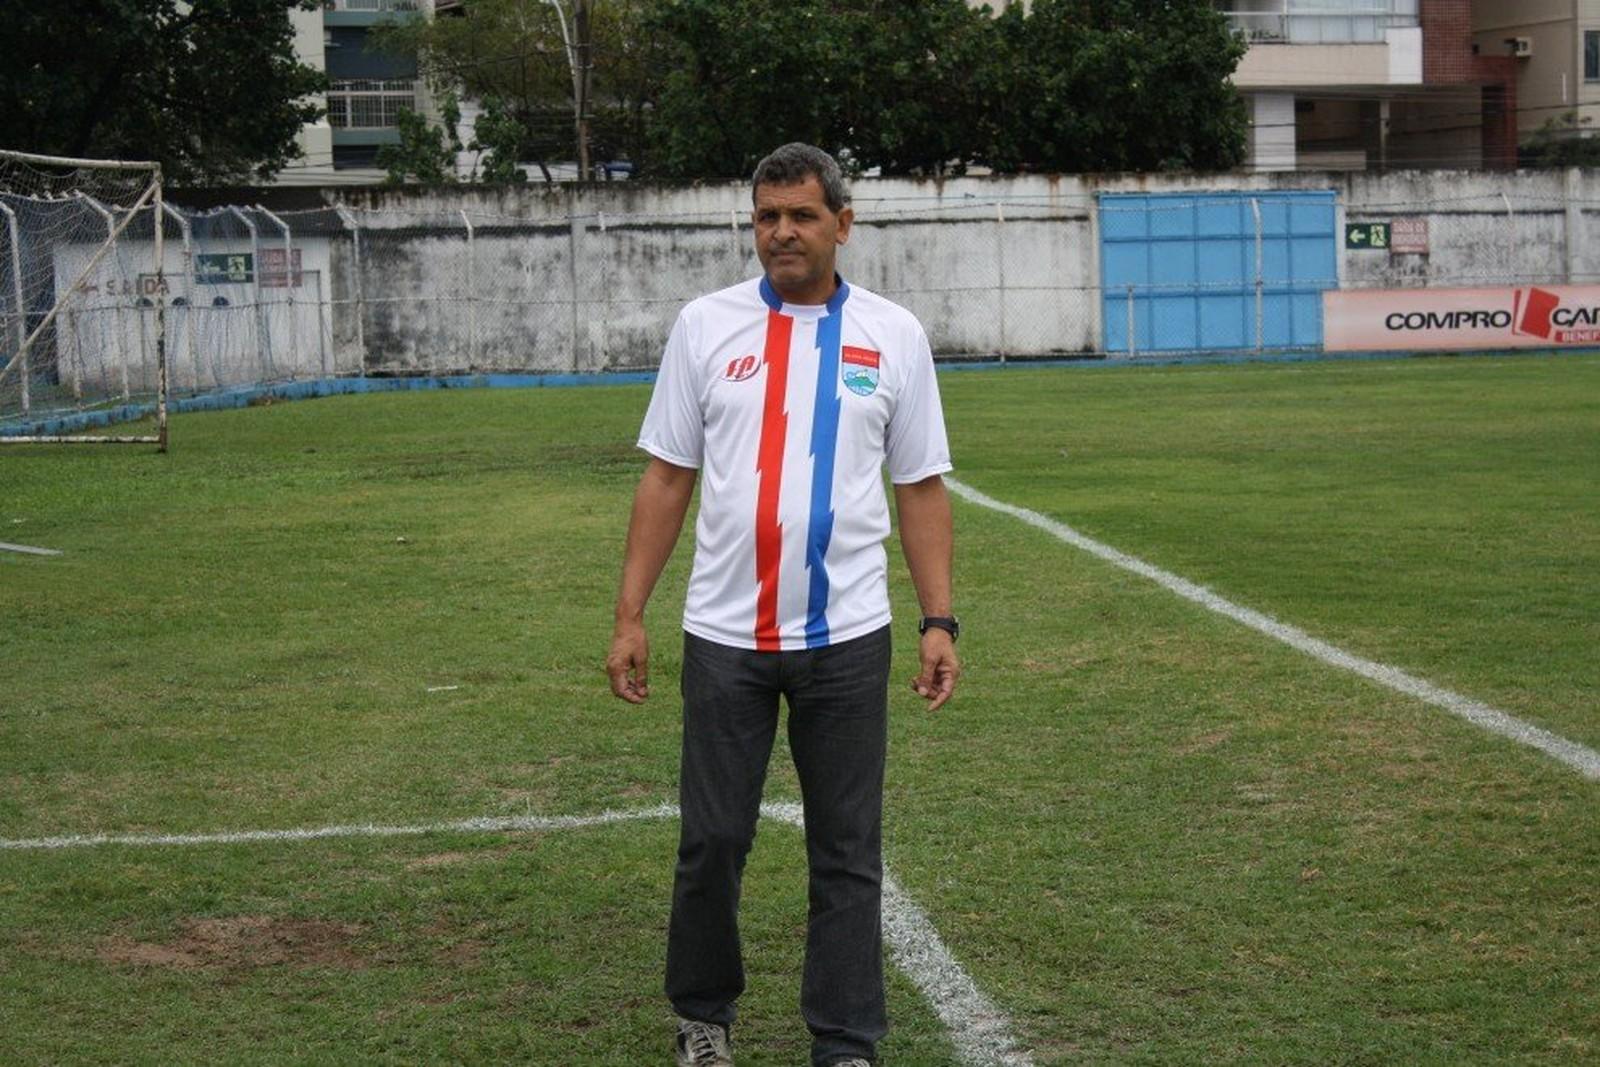 Mariozan Felipe será o técnico do São Mateus na Copa Espírito Santo 2018